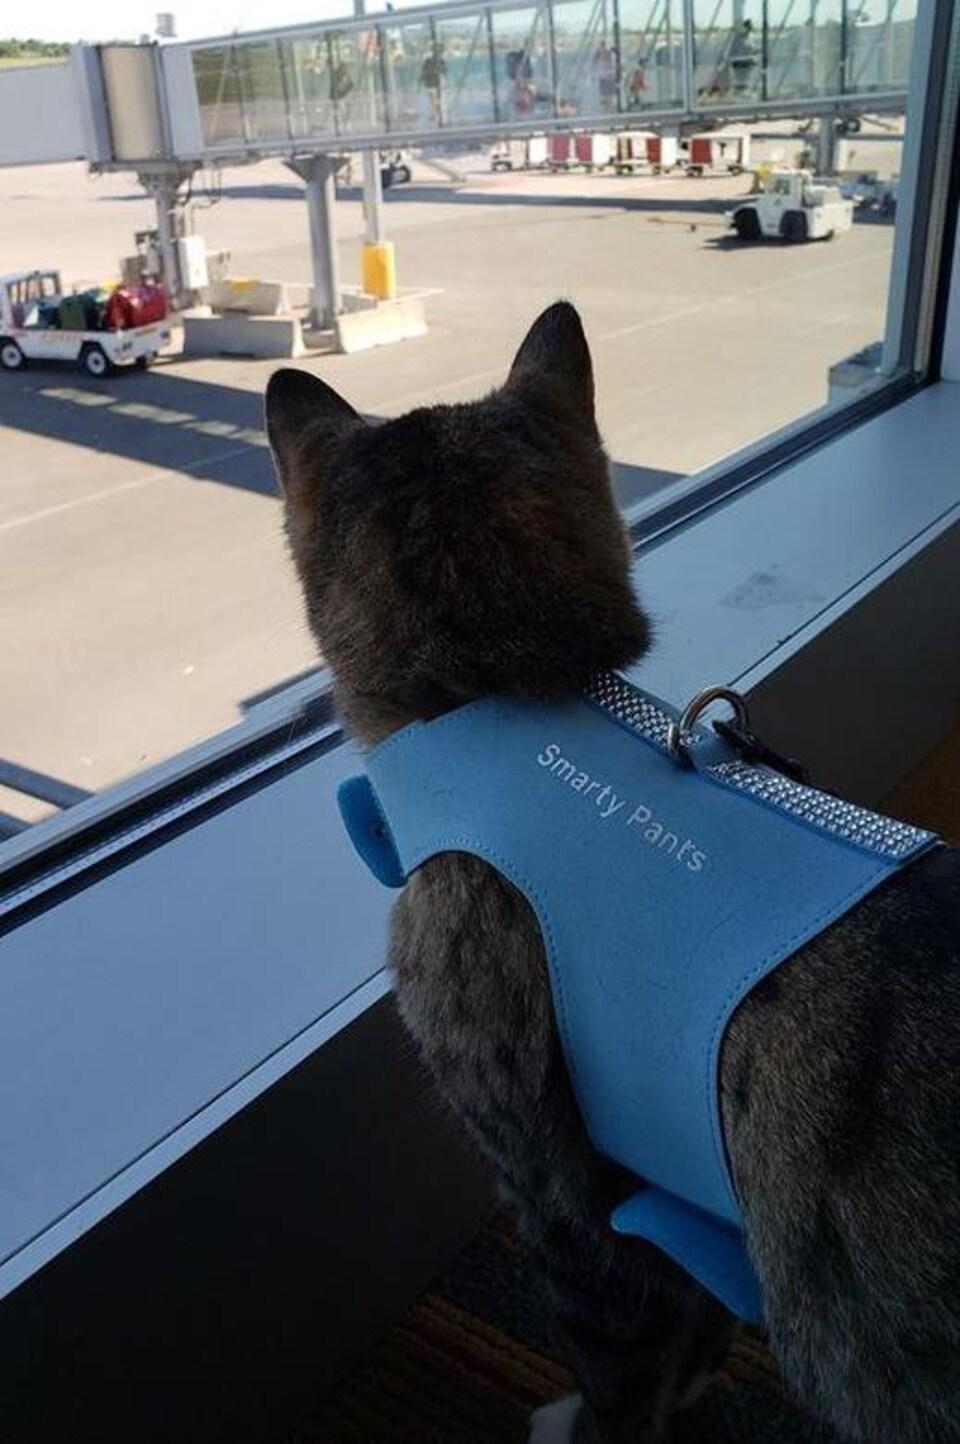 Un chat regarde des avions.